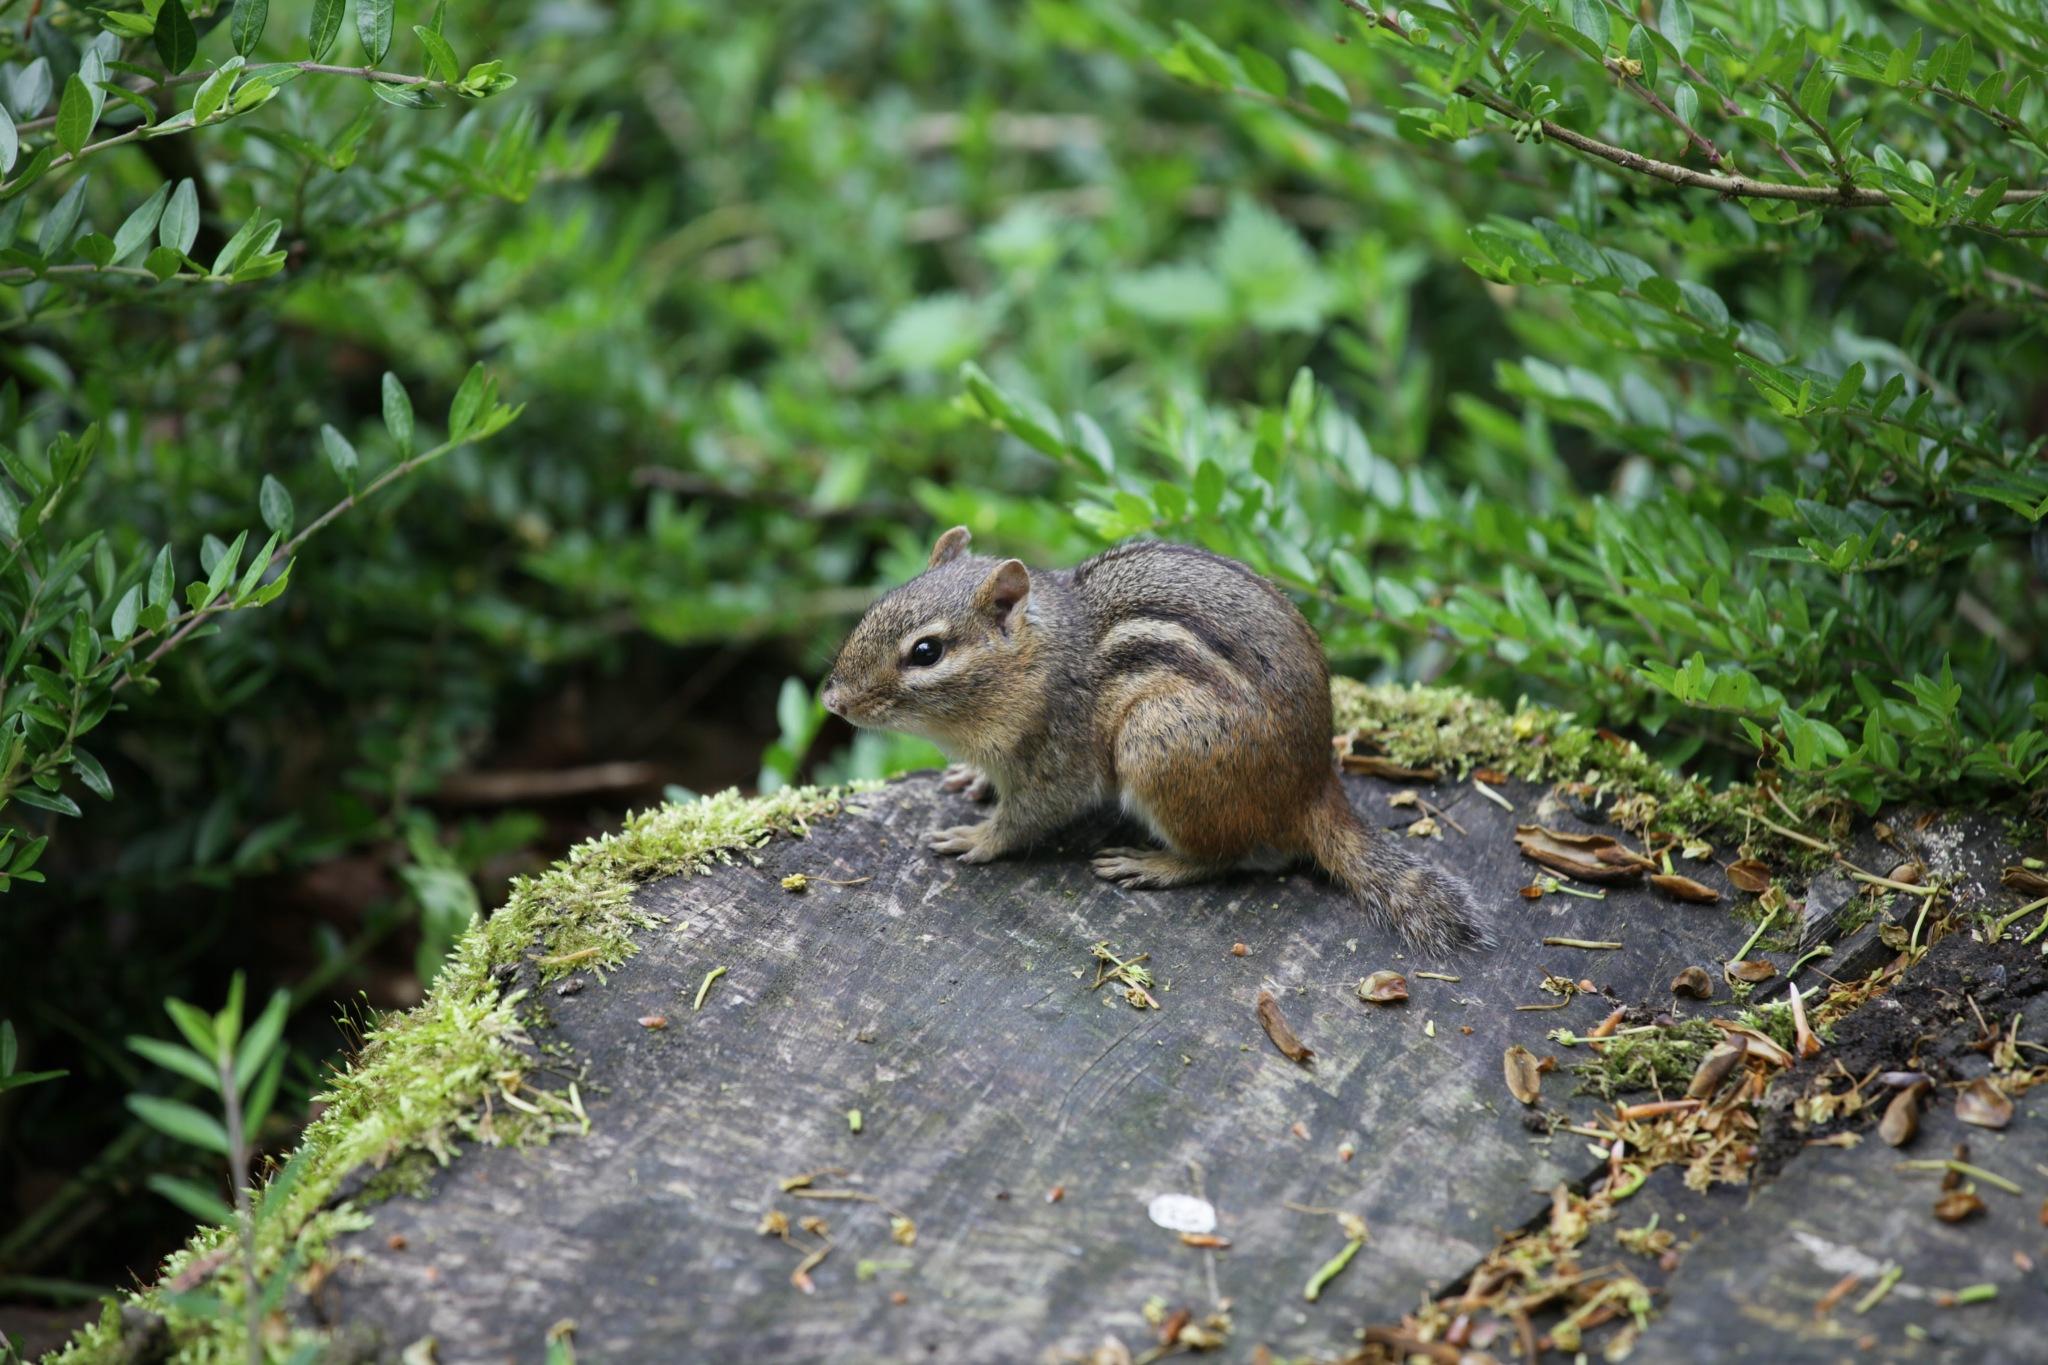 Hörnchen / Squirrels by Rolf-Dieter Balindt